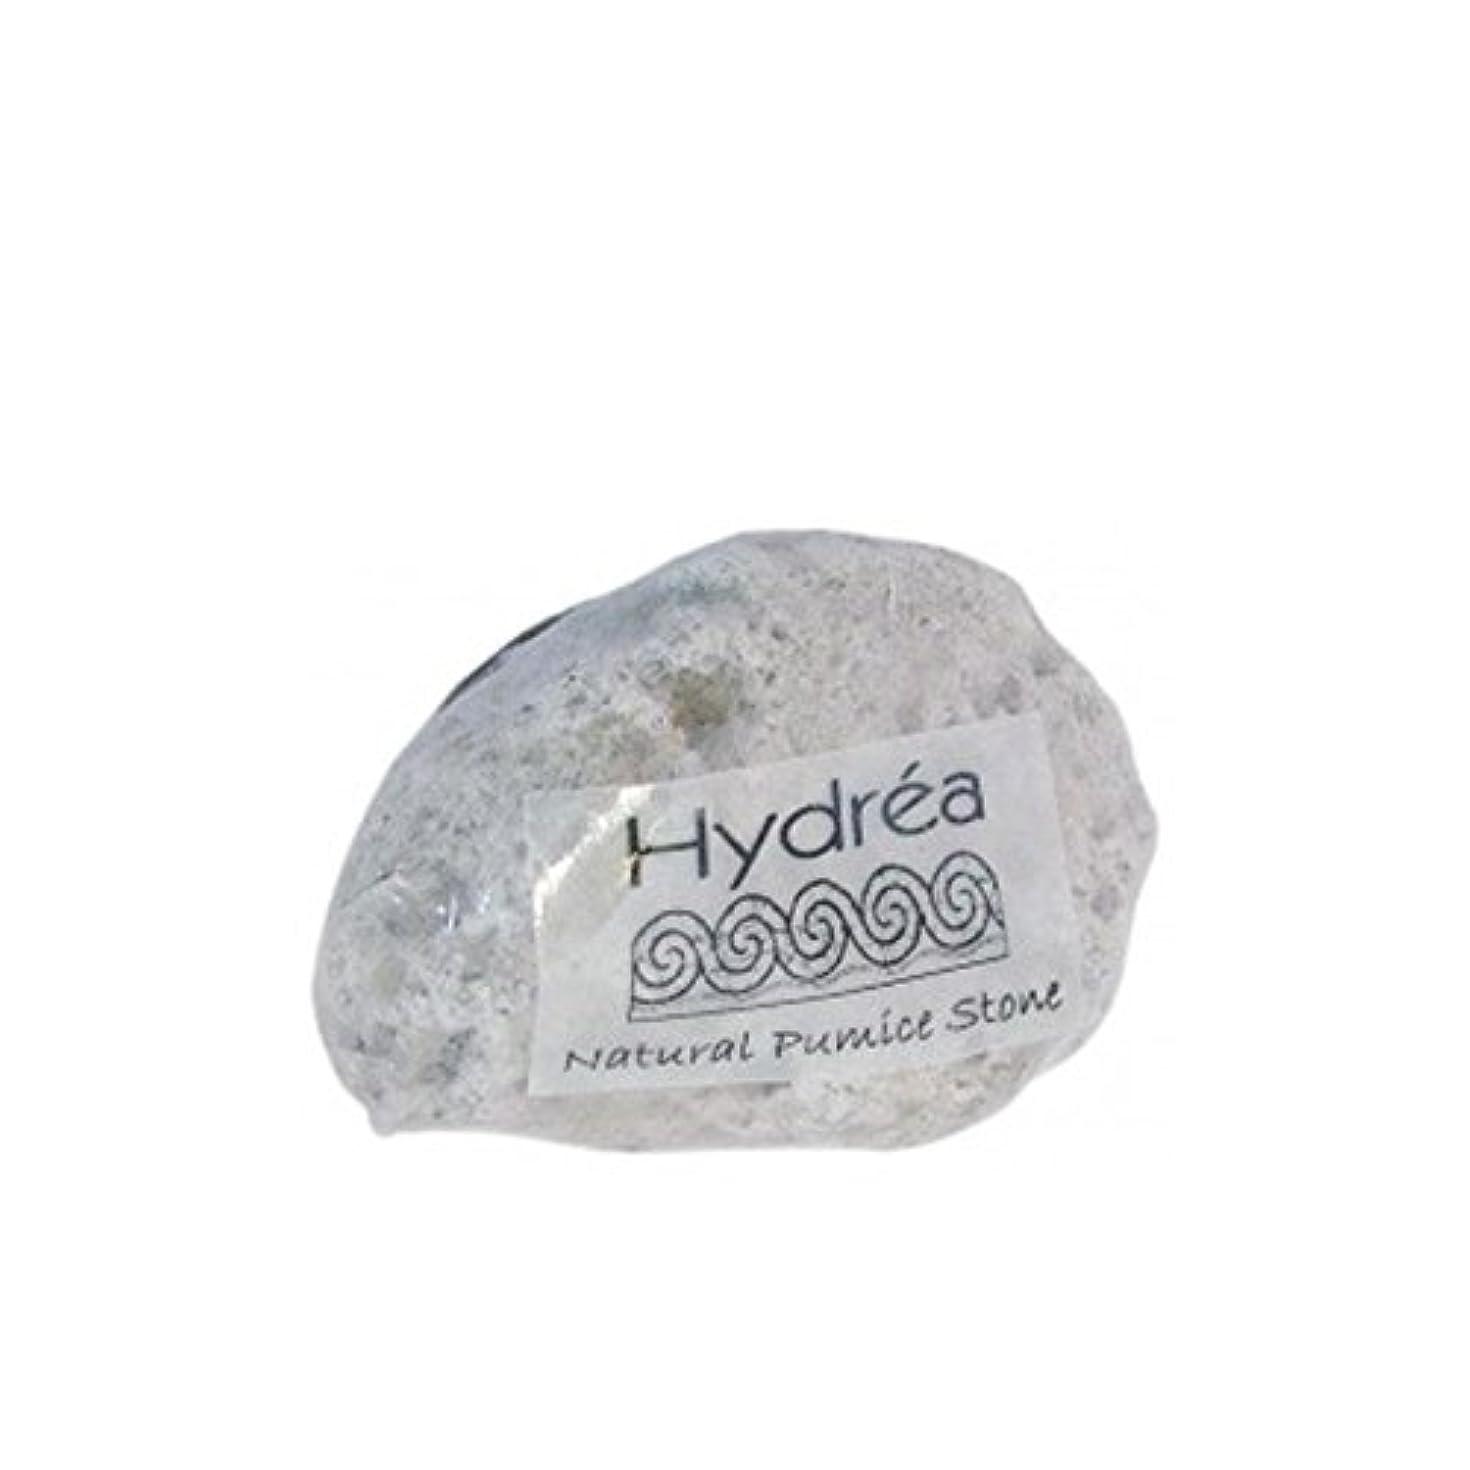 壁紙市民邪魔Hydrea London - Natural Pumice Stone - ハイドレアロンドン - 自然軽石 [並行輸入品]